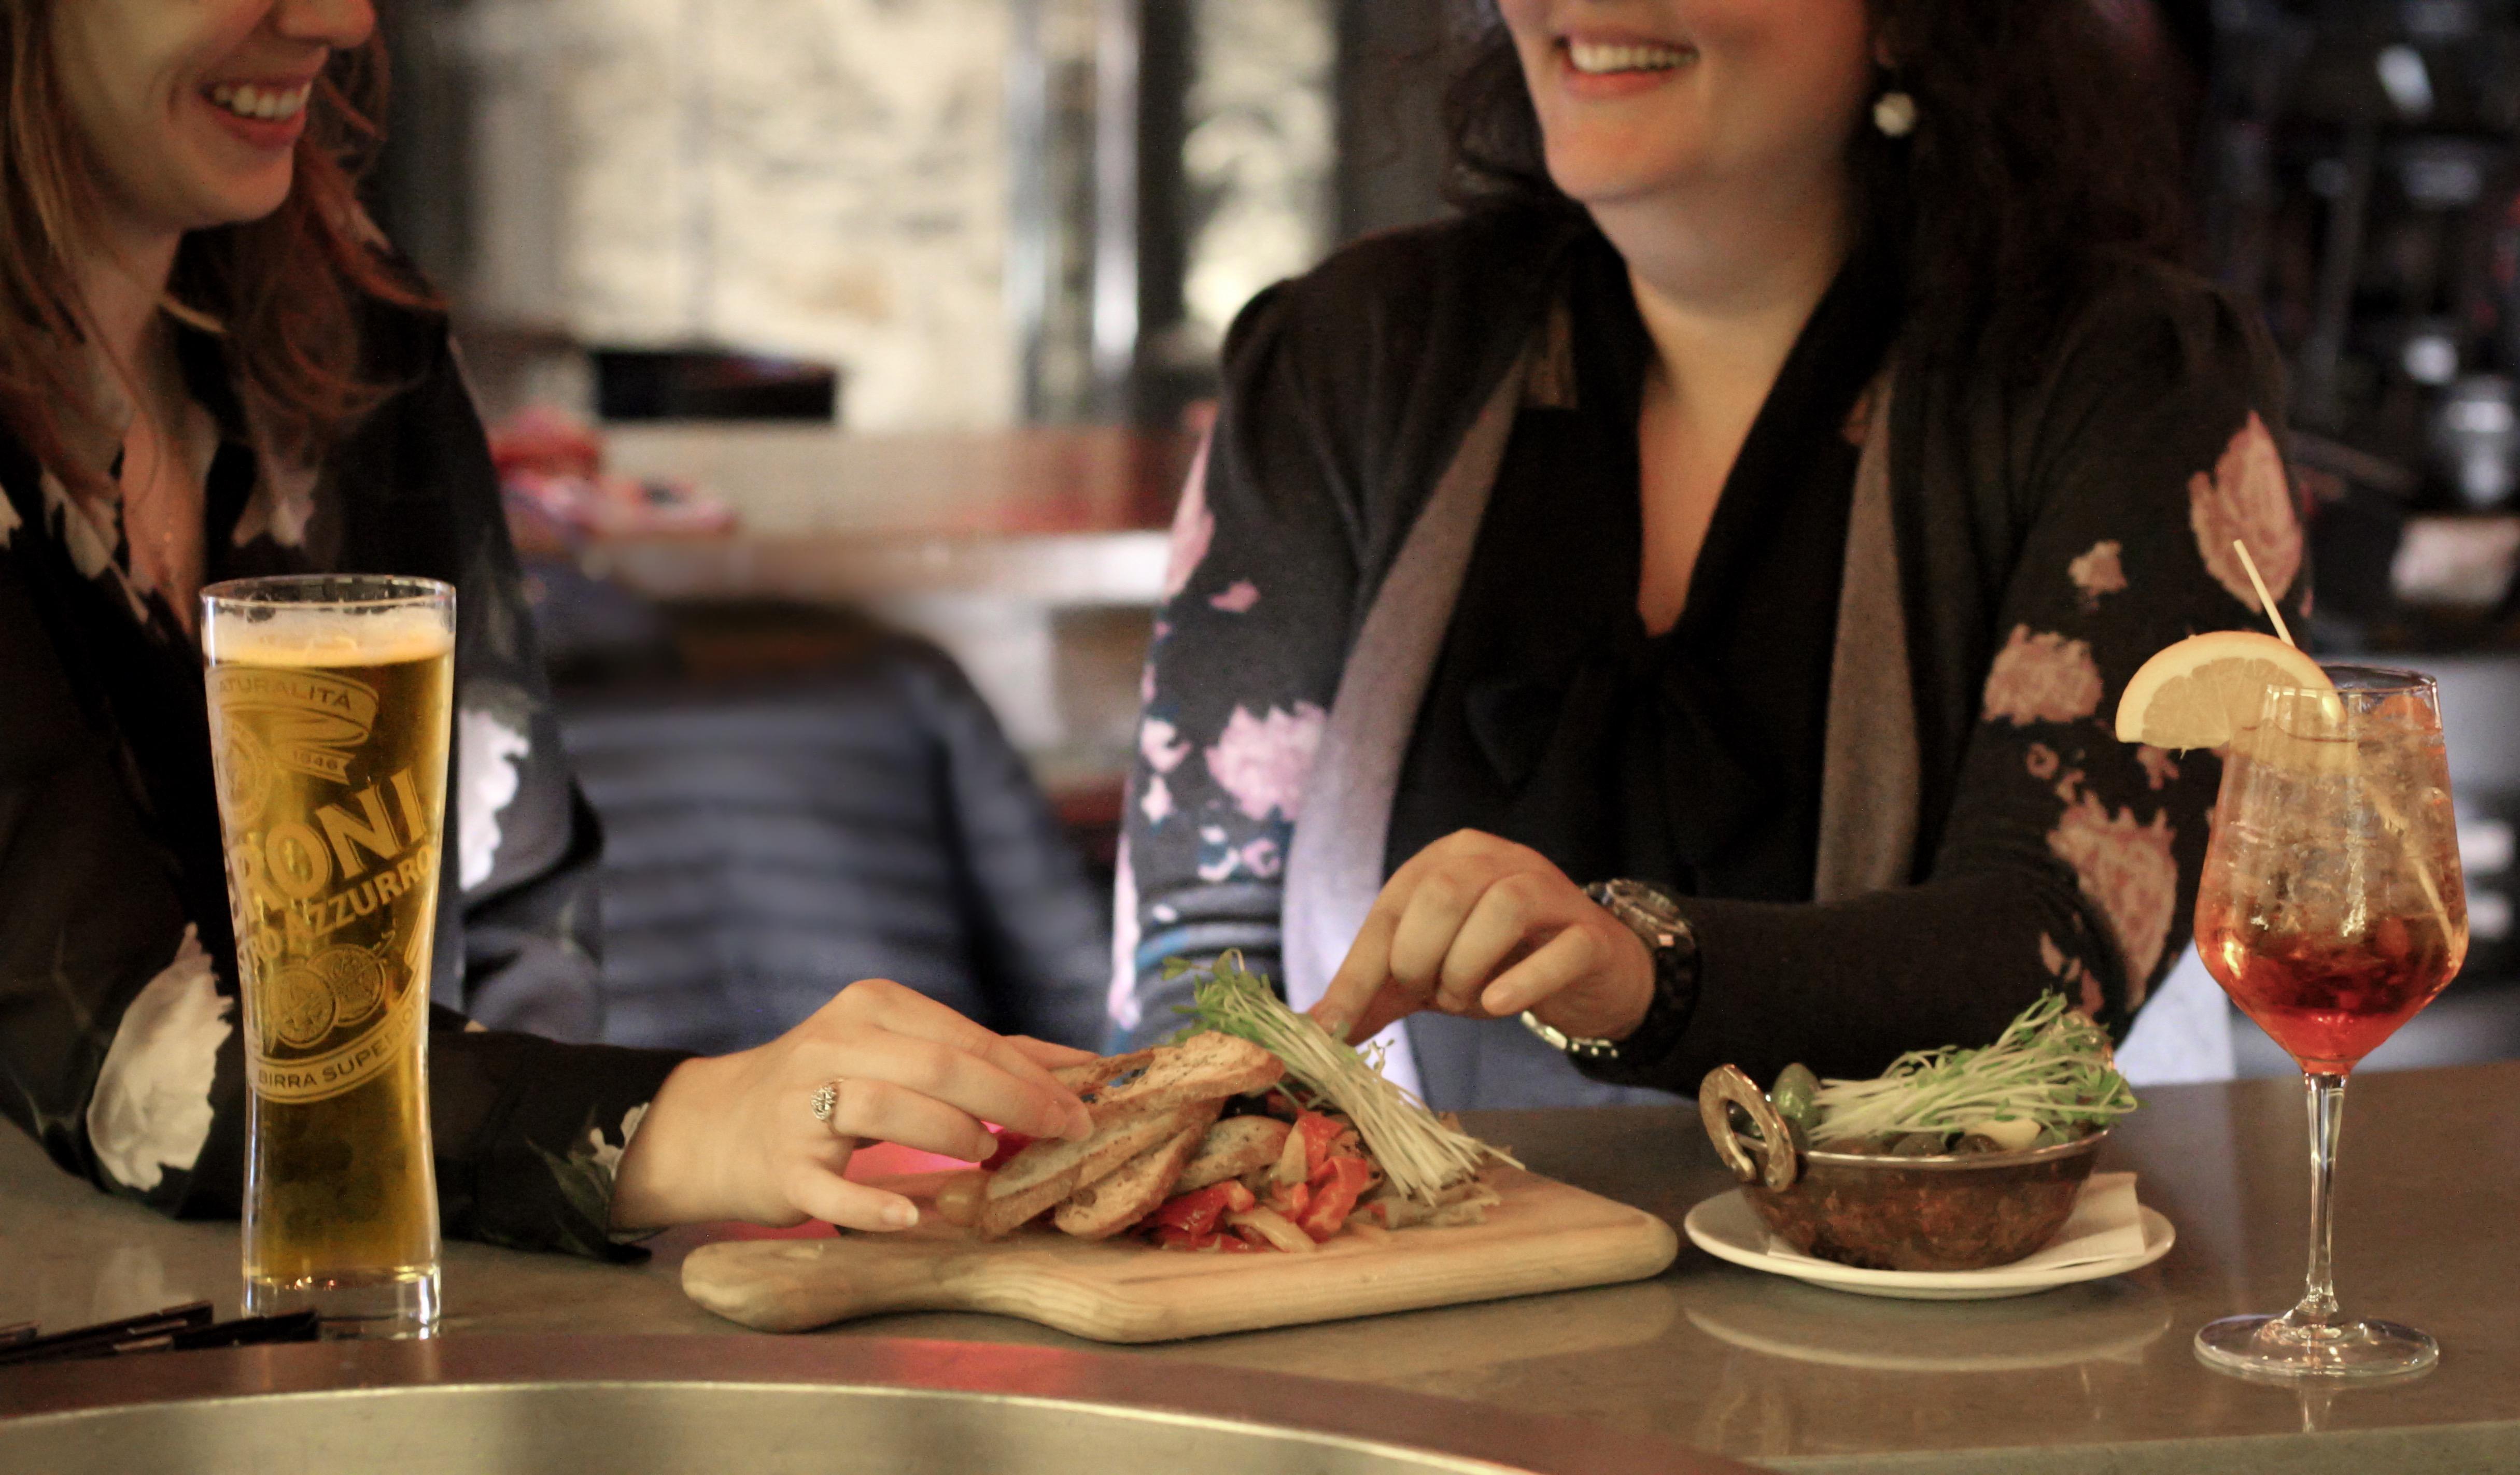 Le Happening Gourmand des tables d'hôte à rabais dans le Vieux-Montréal